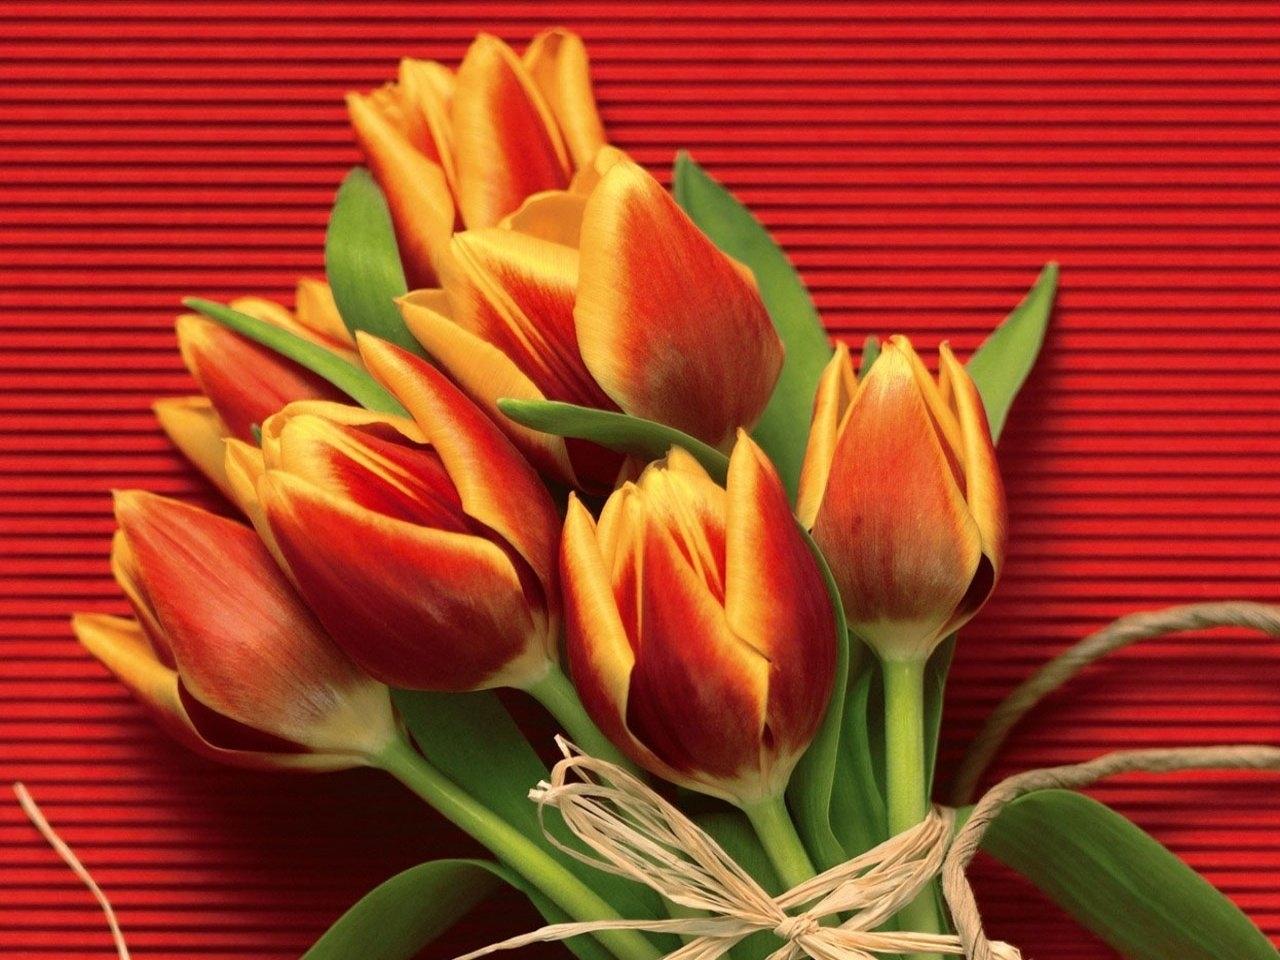 27538 скачать обои Растения, Цветы, Тюльпаны - заставки и картинки бесплатно